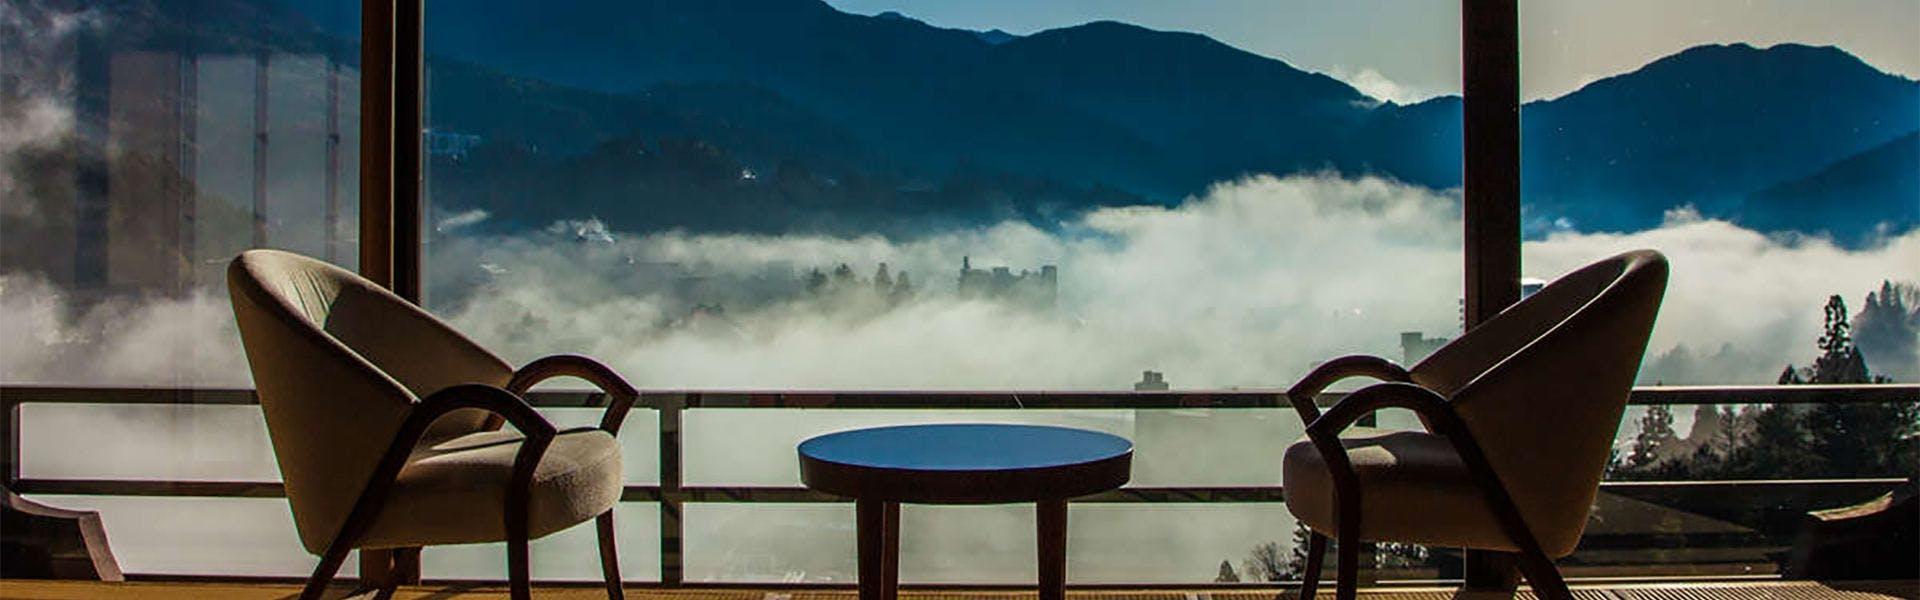 記念日におすすめのホテル・下呂温泉 今宵 天空に遊ぶ しょうげつの写真3